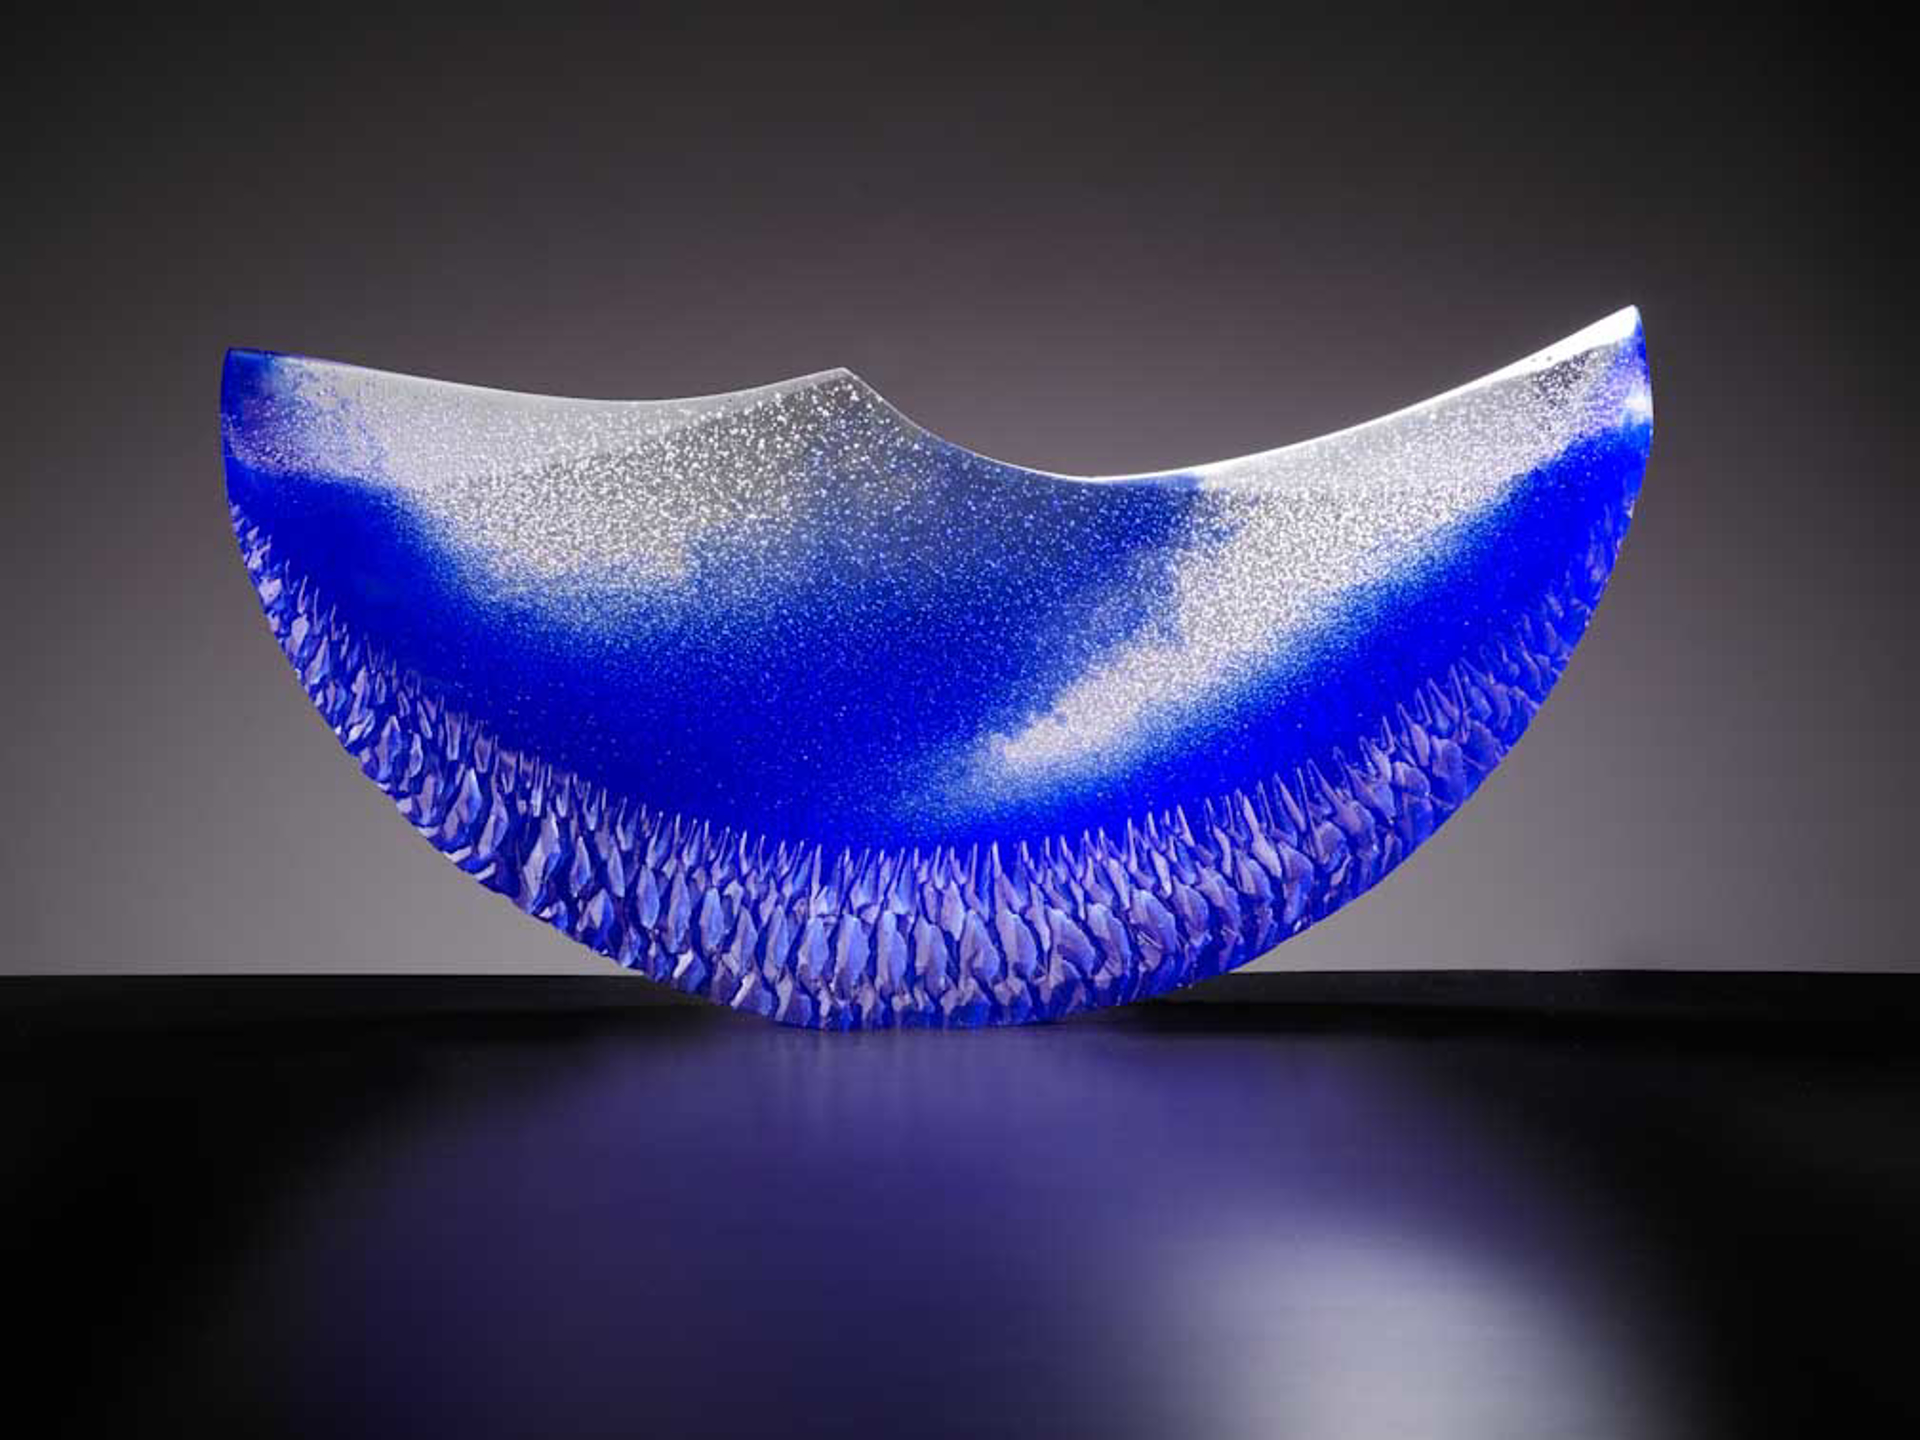 Blue Half Moon by Alex Bernstein